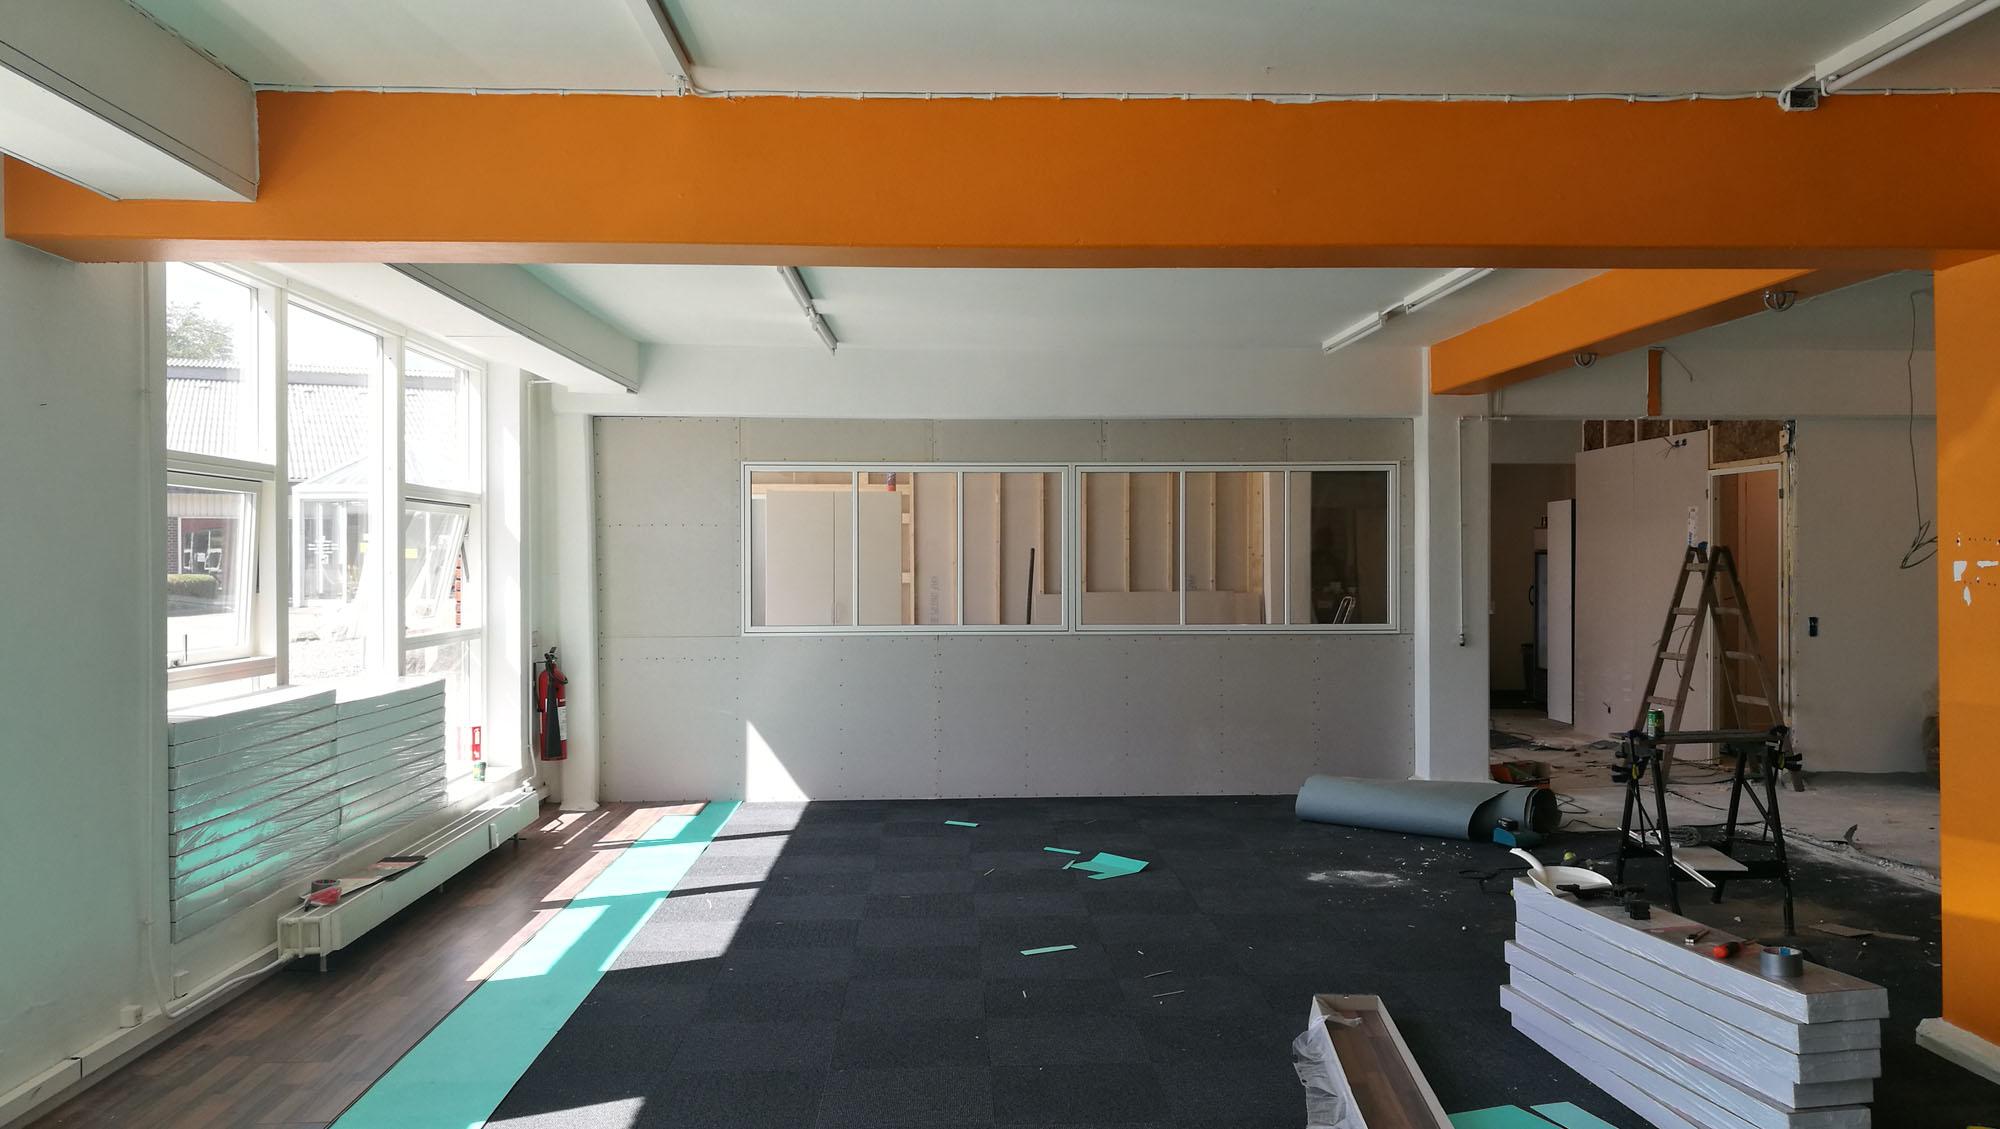 Væggen mellem dojo og limbo begynder at ligne noget...